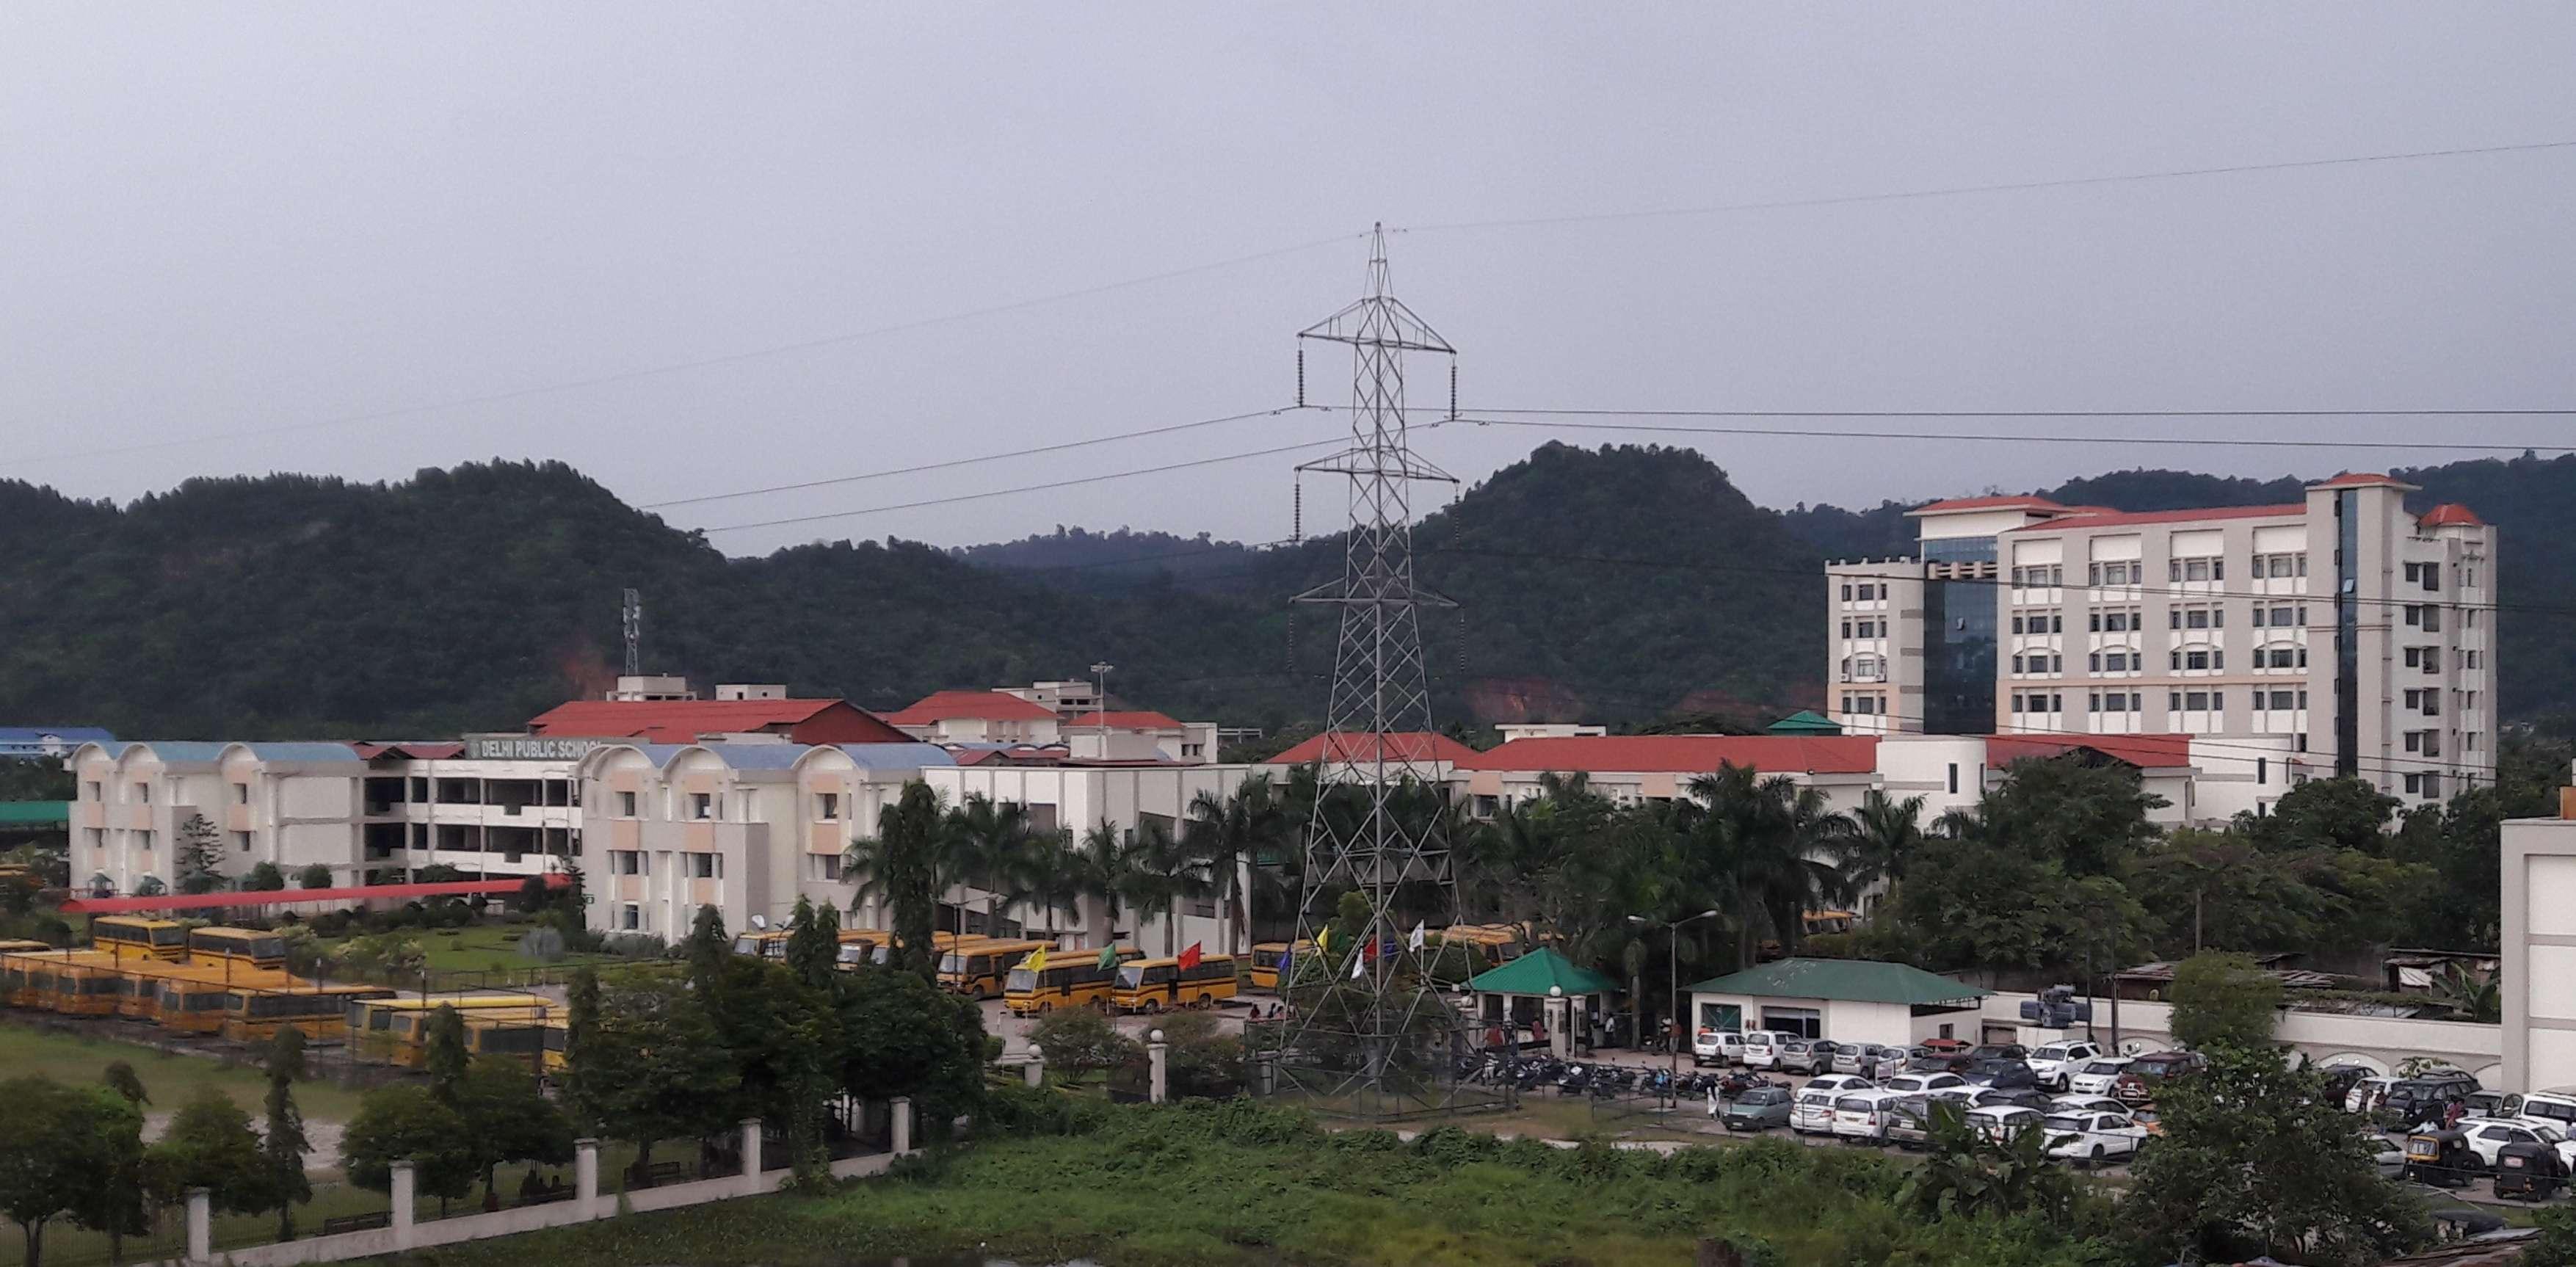 DELHI PUBLIC SCHOOL AHOMGAON ROAD TRUPATI BALAJI TEMPLE GUWAHATI ASSAM 230049